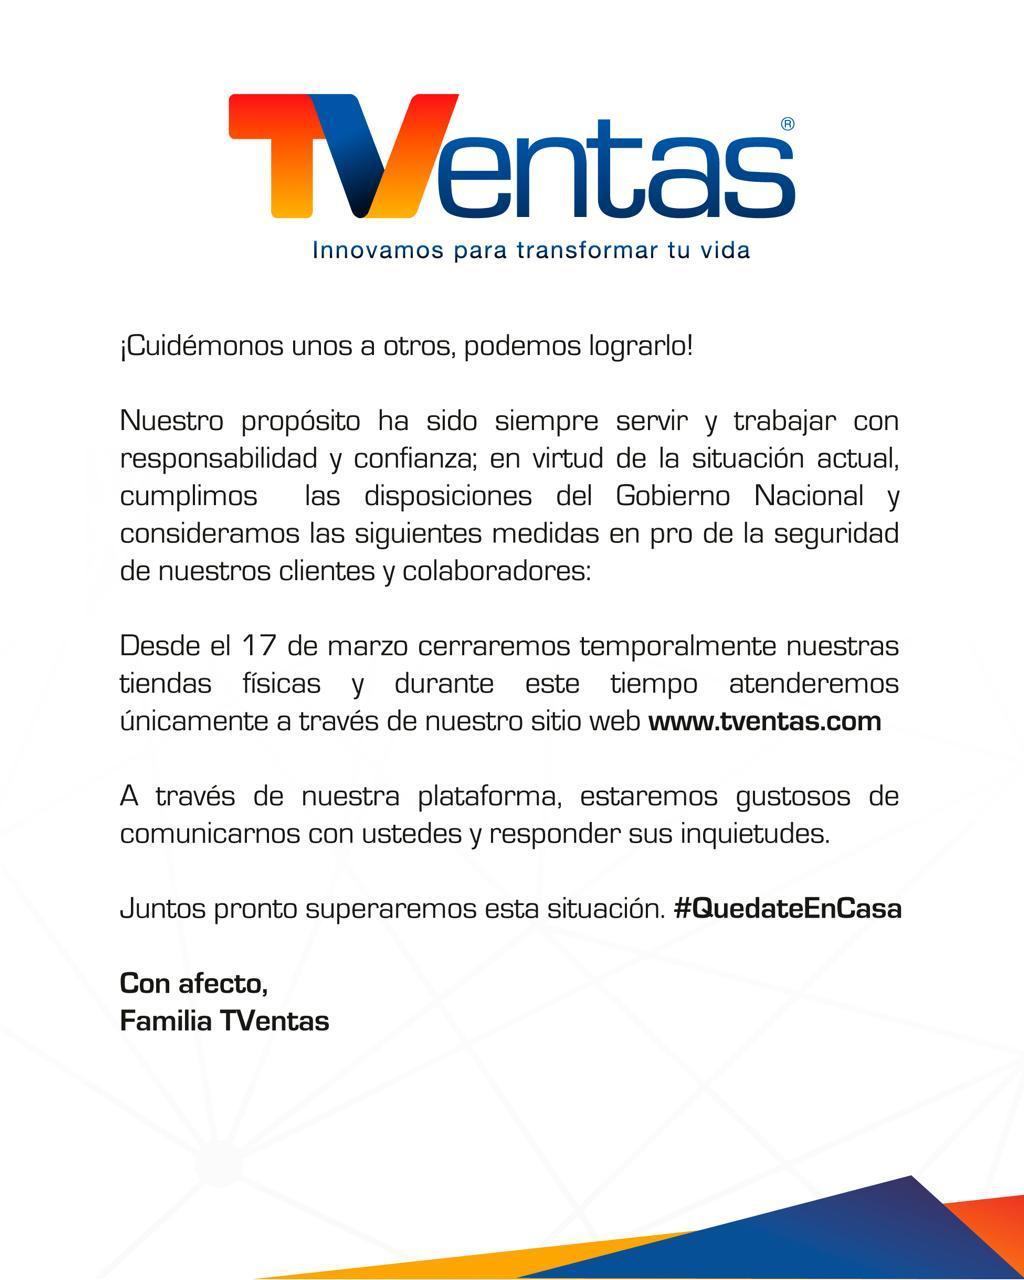 Carta Oficial a Clientes TVentas